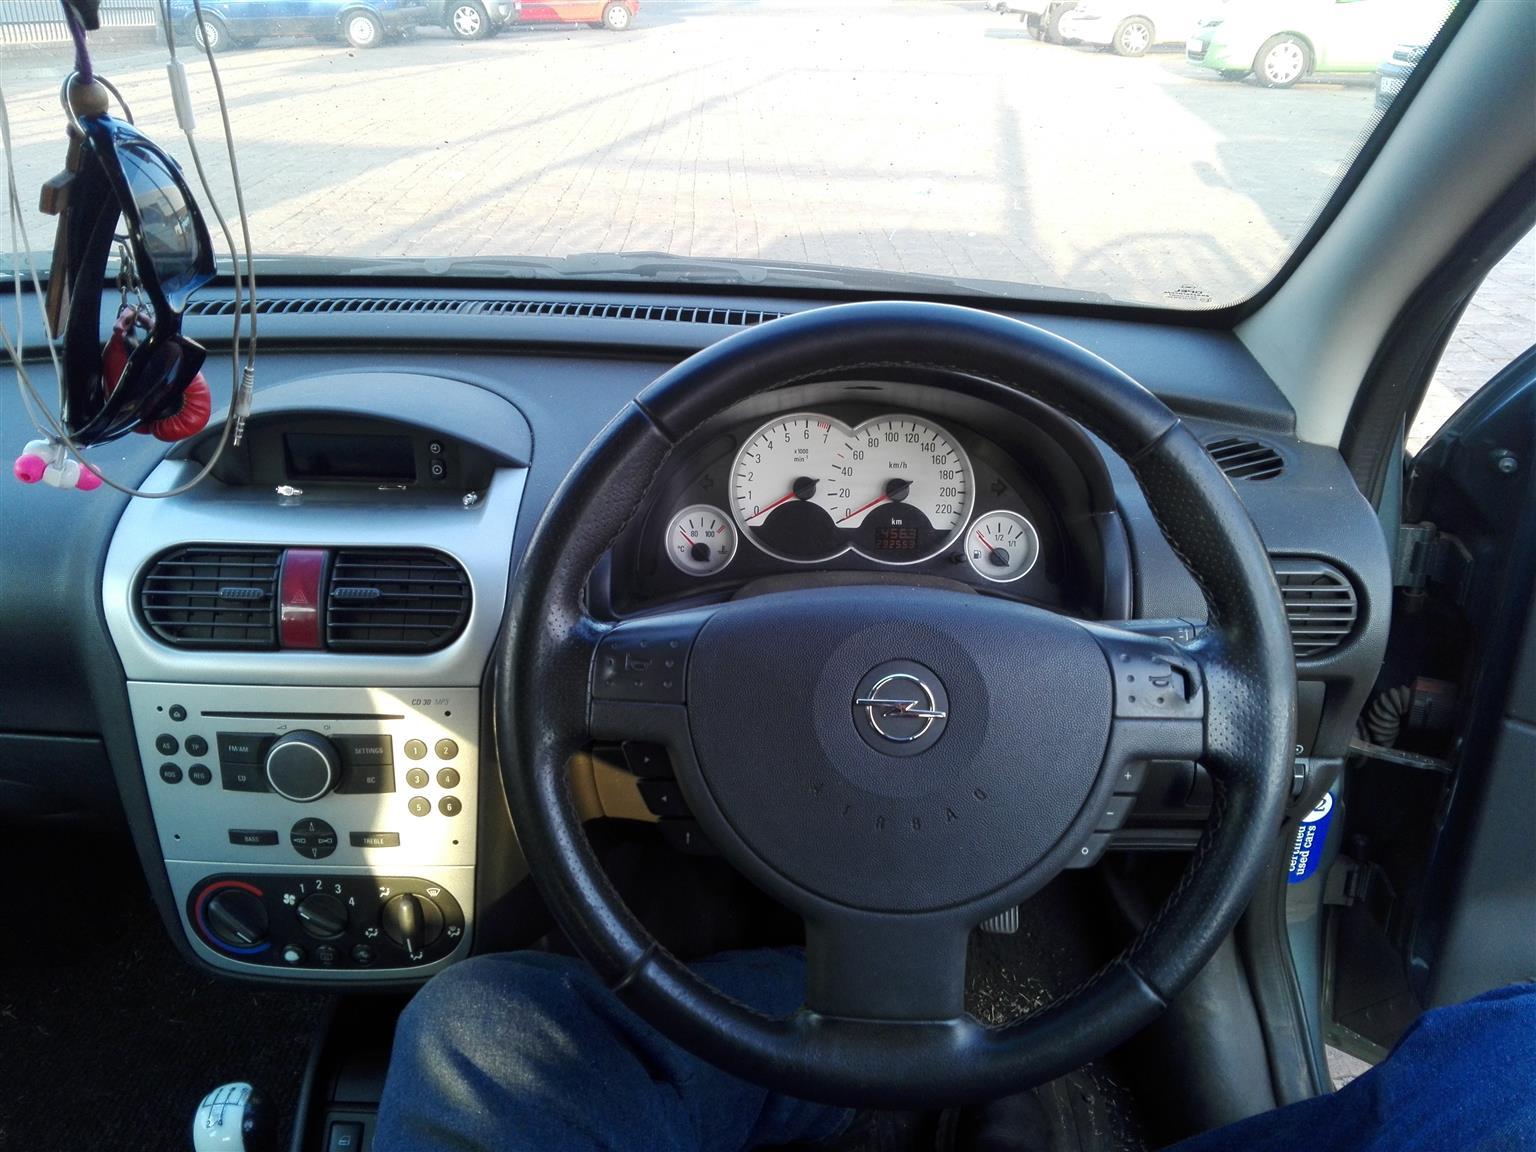 2007 Opel Corsa hatch 5-door CORSA 1.4 ENJOY A/T 5DR